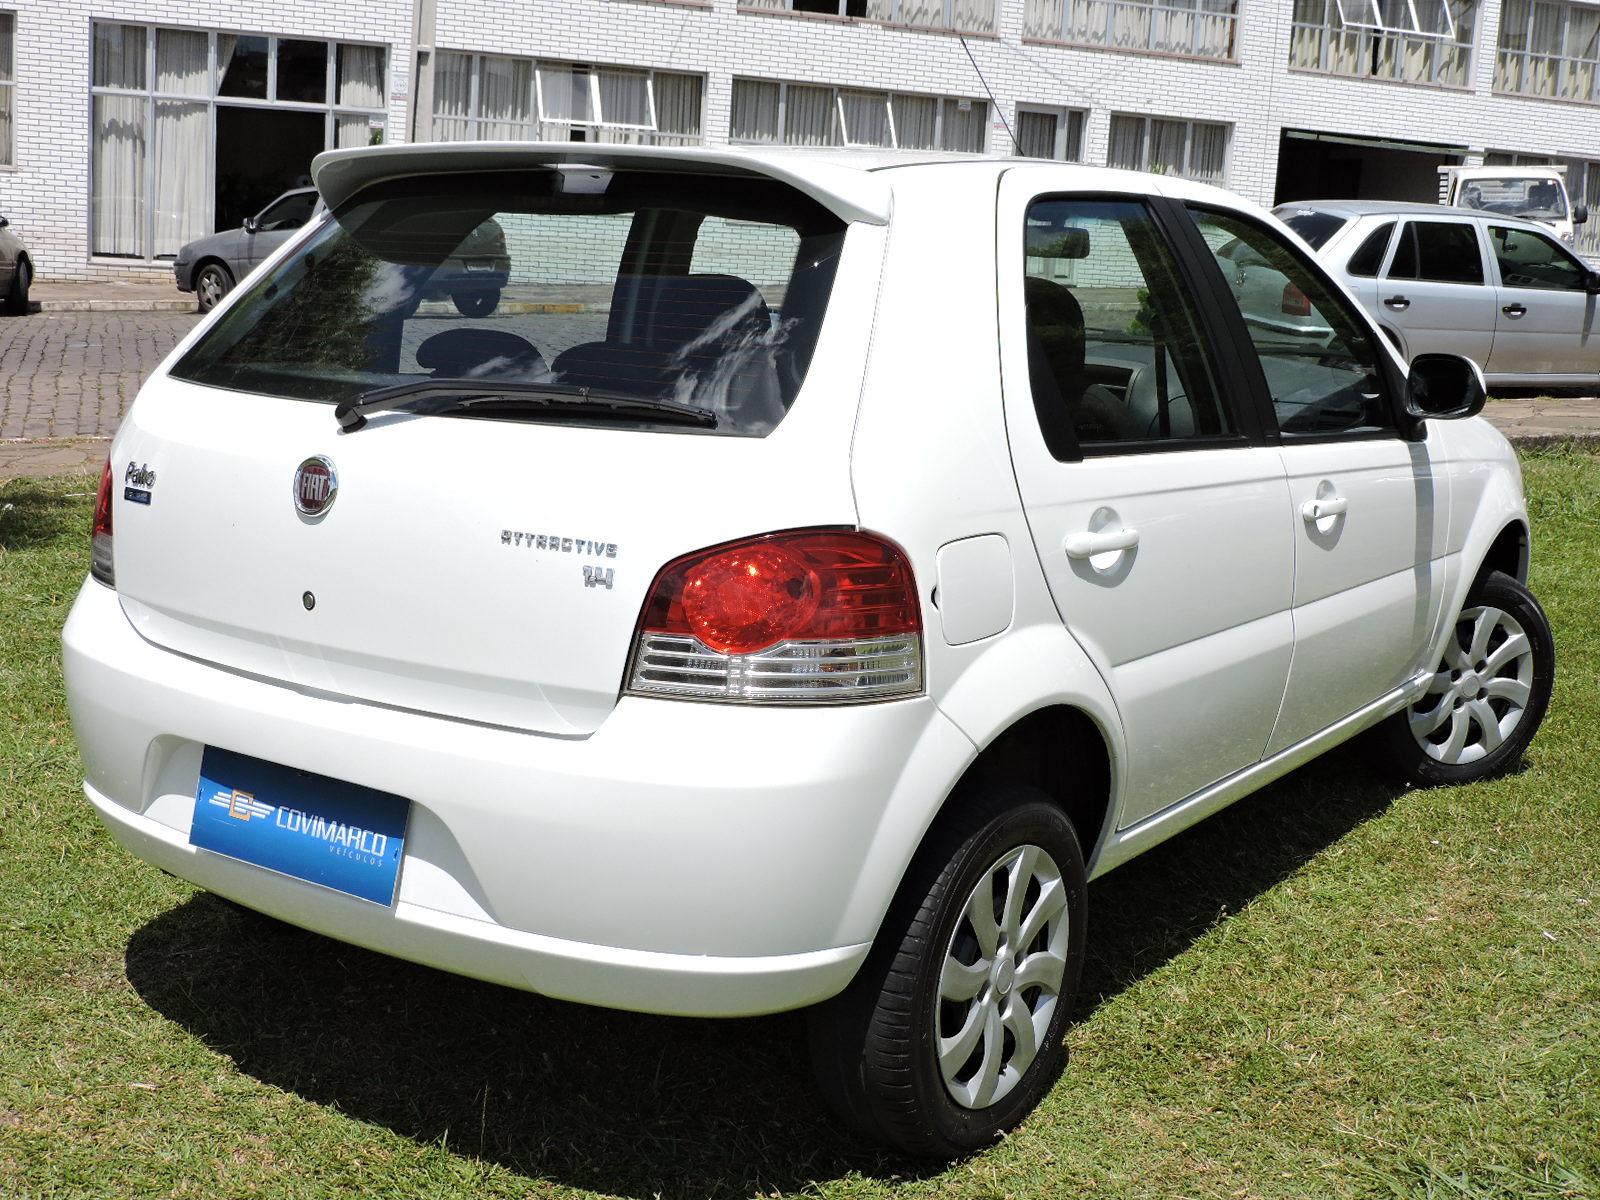 palio-atrative-1-4-branco-013